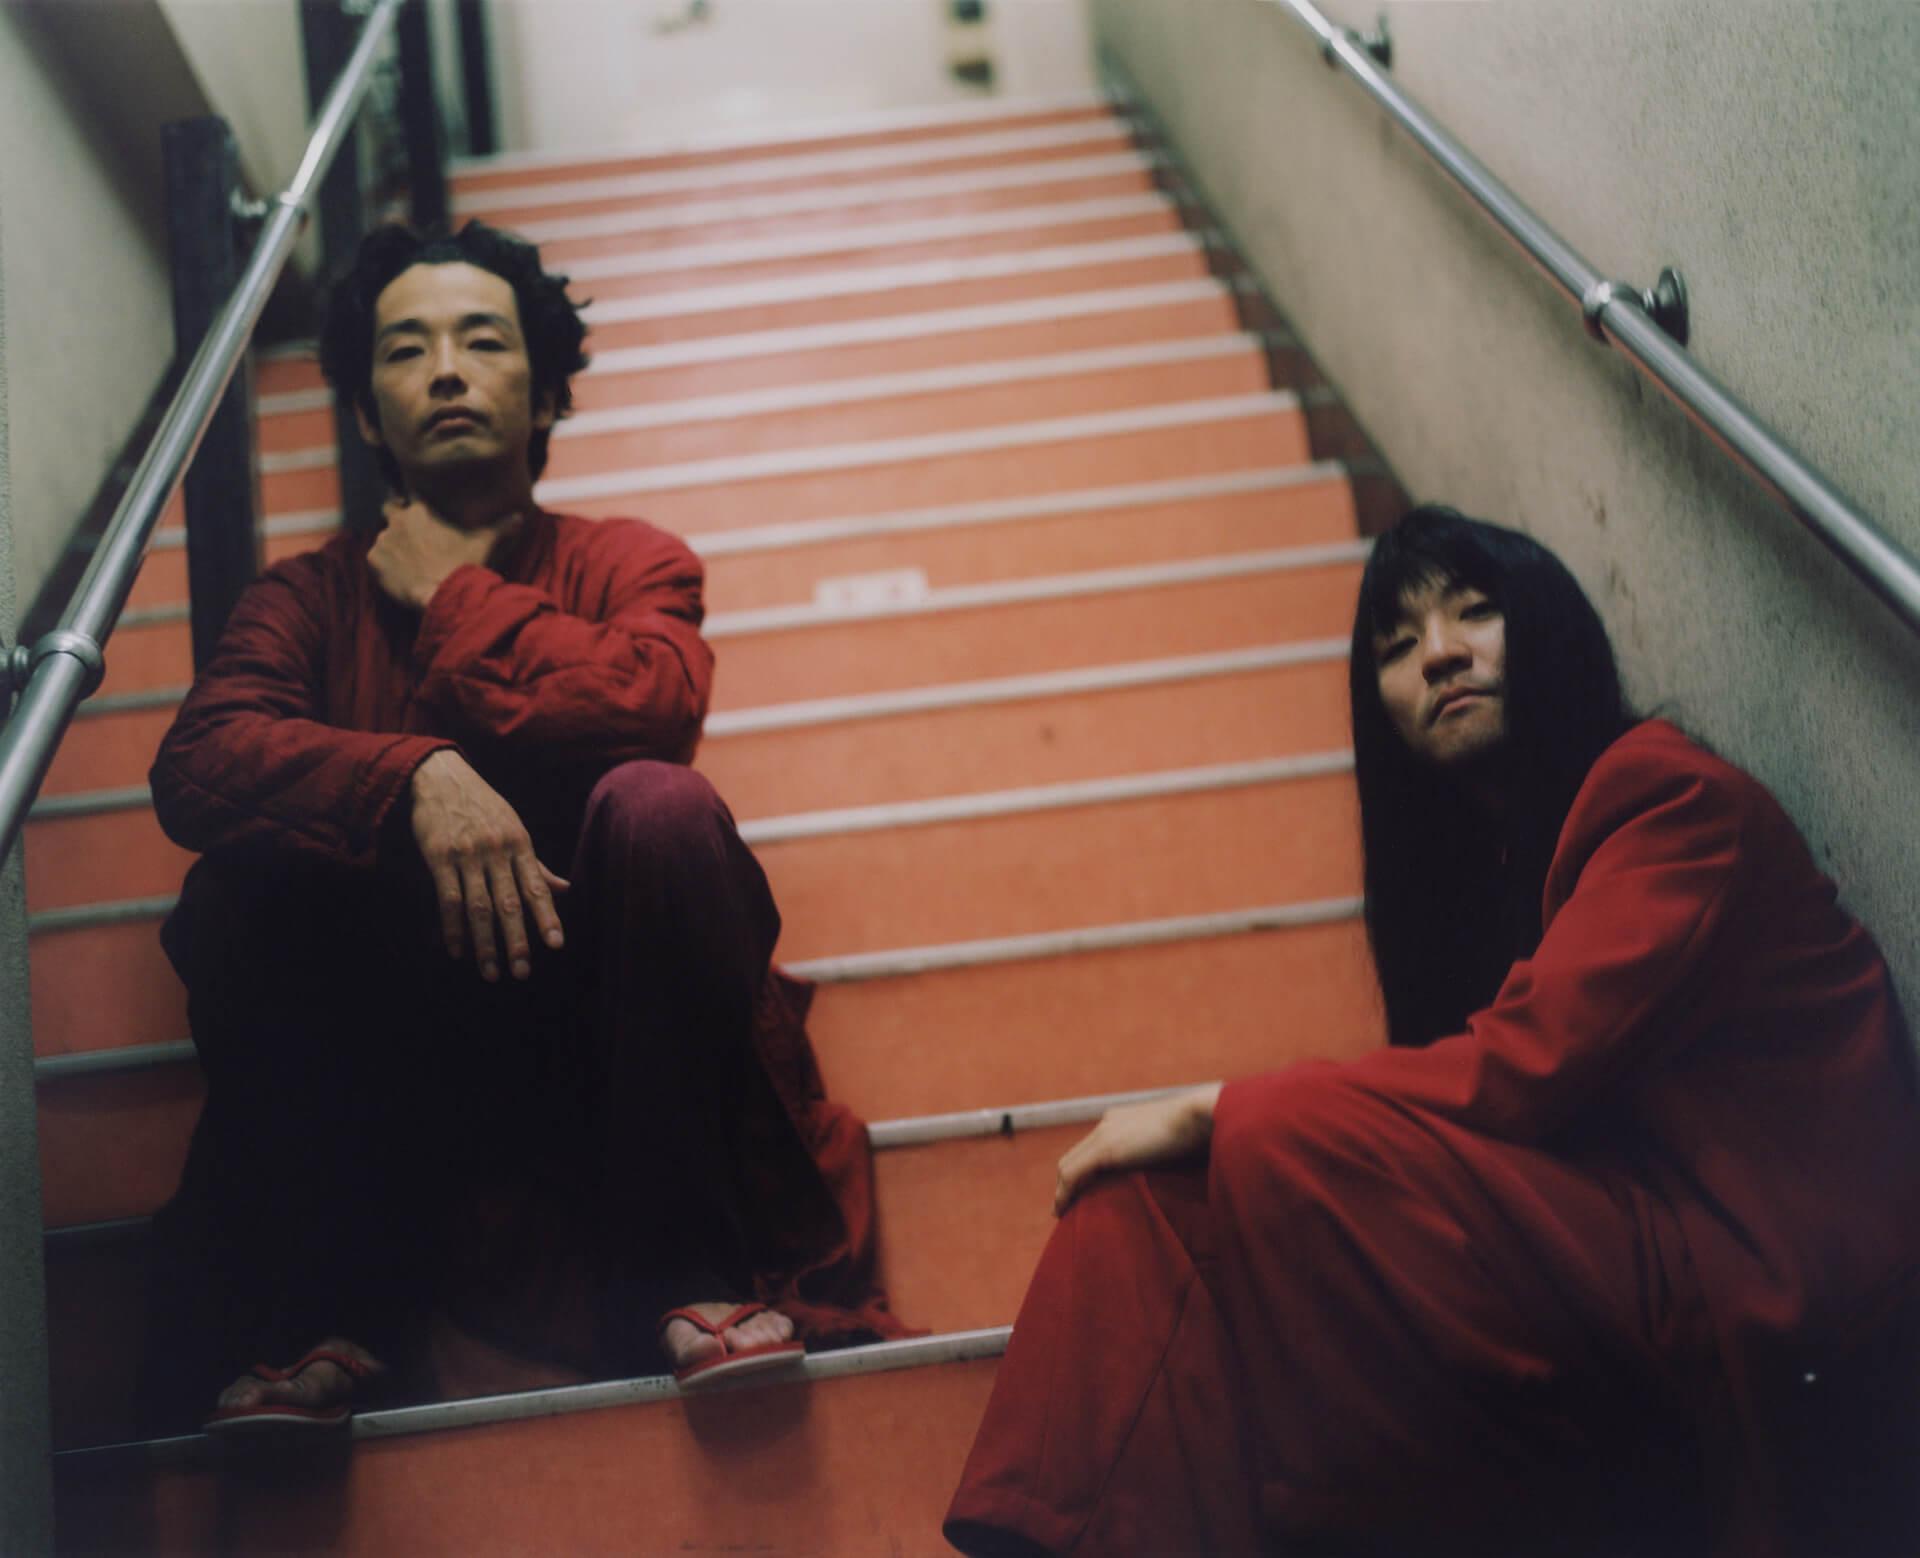 GEZANとマヒト監督の映画『i ai』に迫るドキュメンタリー『#WiTH』が期間限定で公開|森山未來、平体雄二らも参加 film210921_iai_9